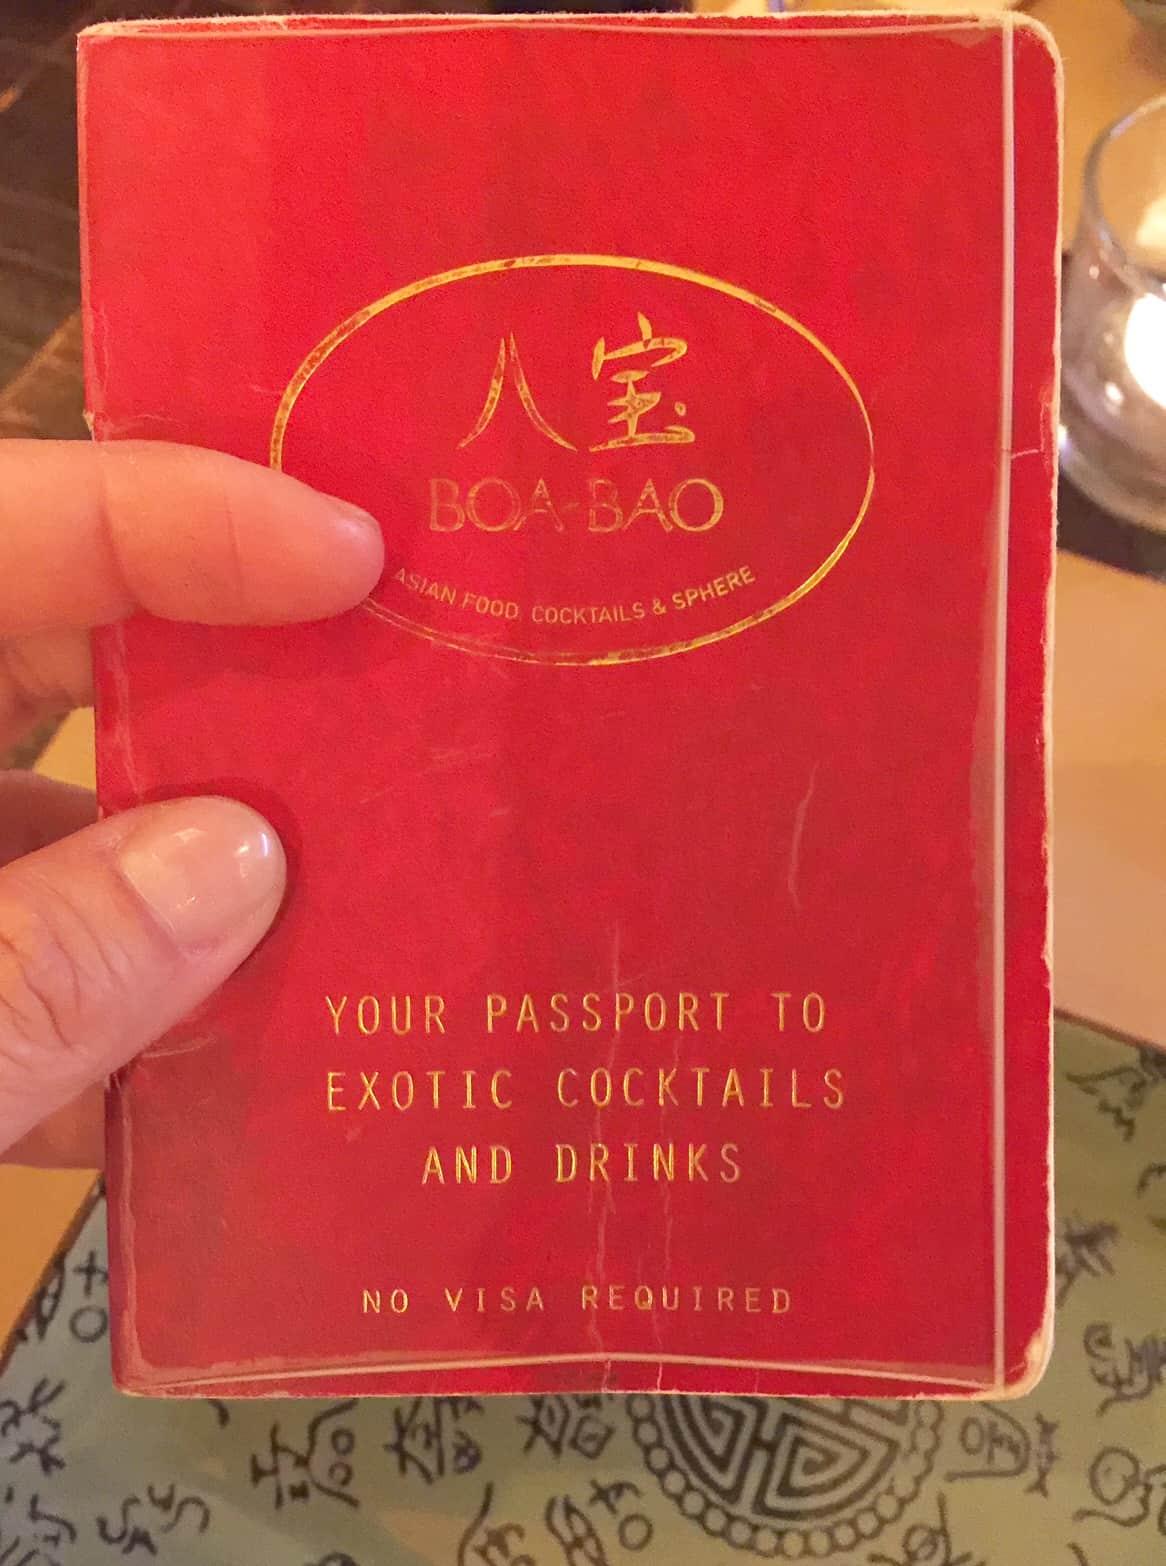 Boa-Bao: Restaurante Cocina Asiática En Lisboa